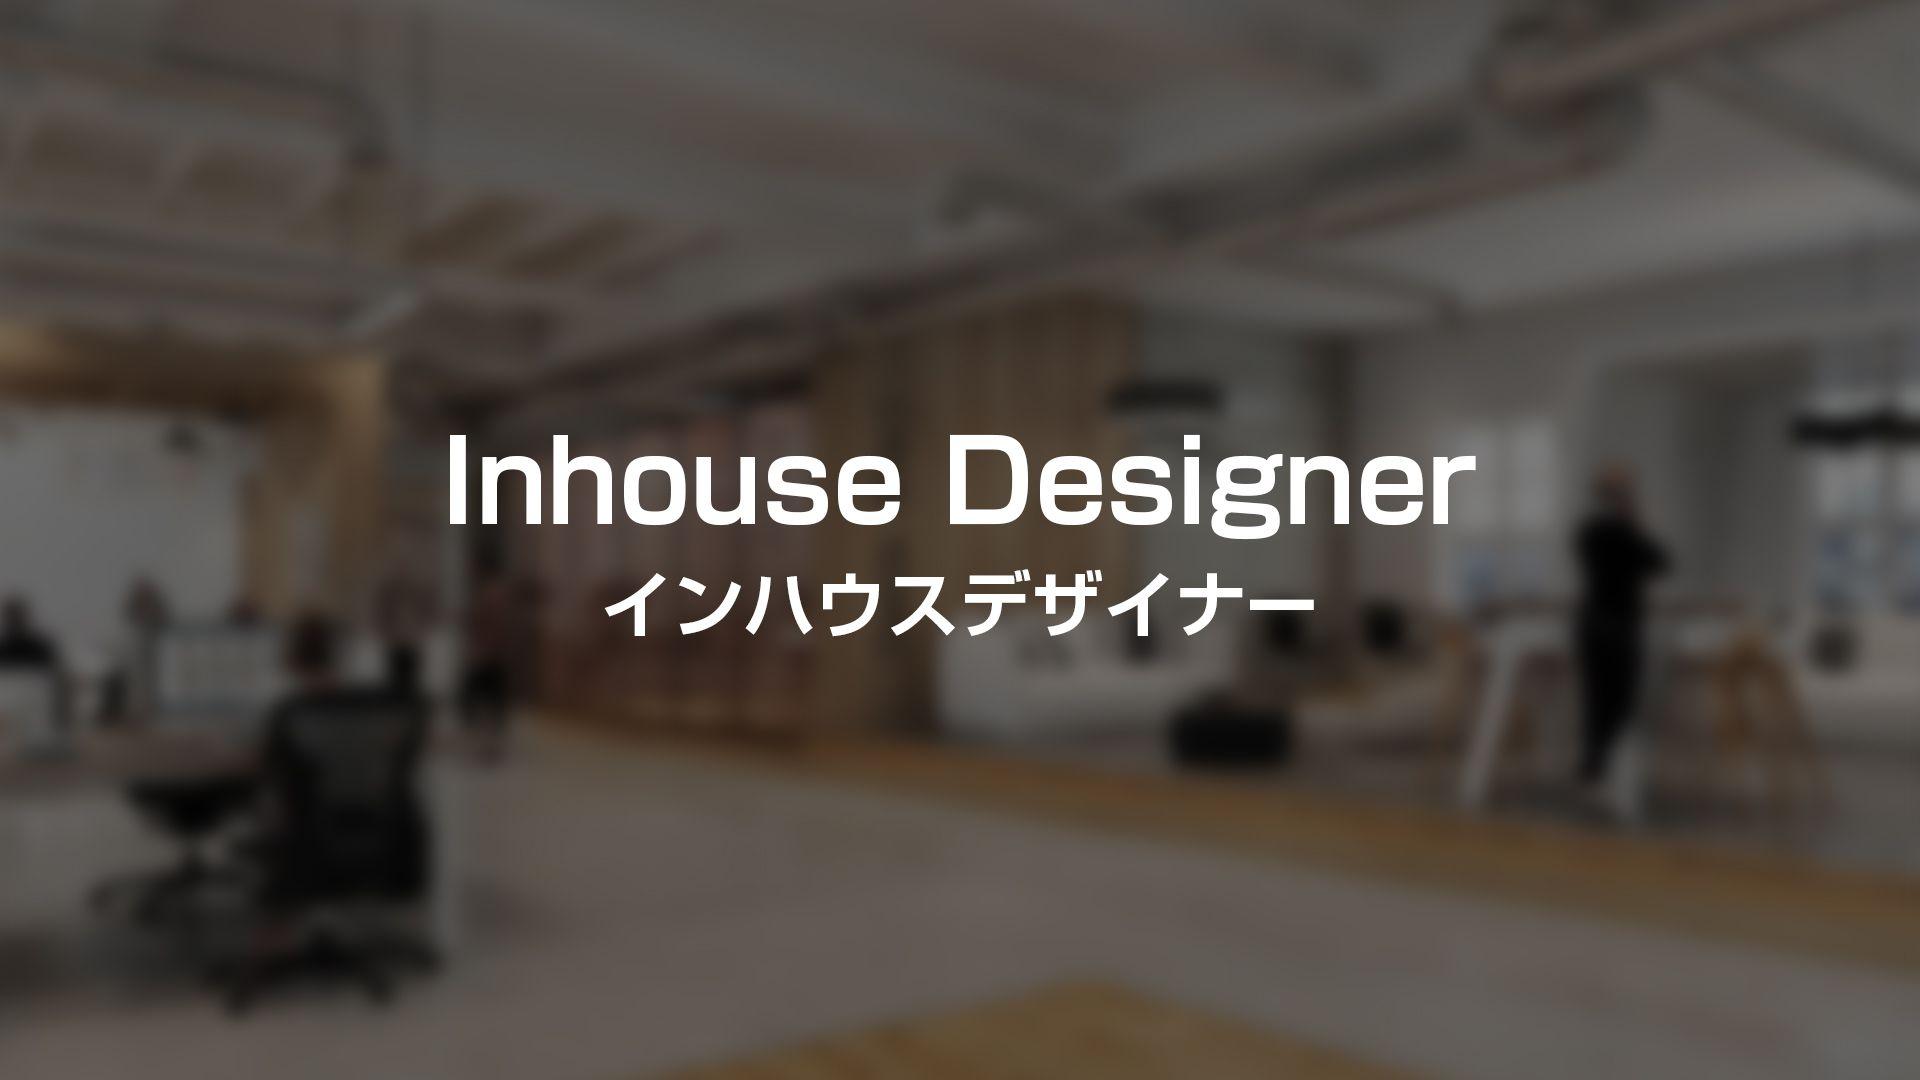 インハウスデザイナーとはなにか、求められる能力と得られる経験。